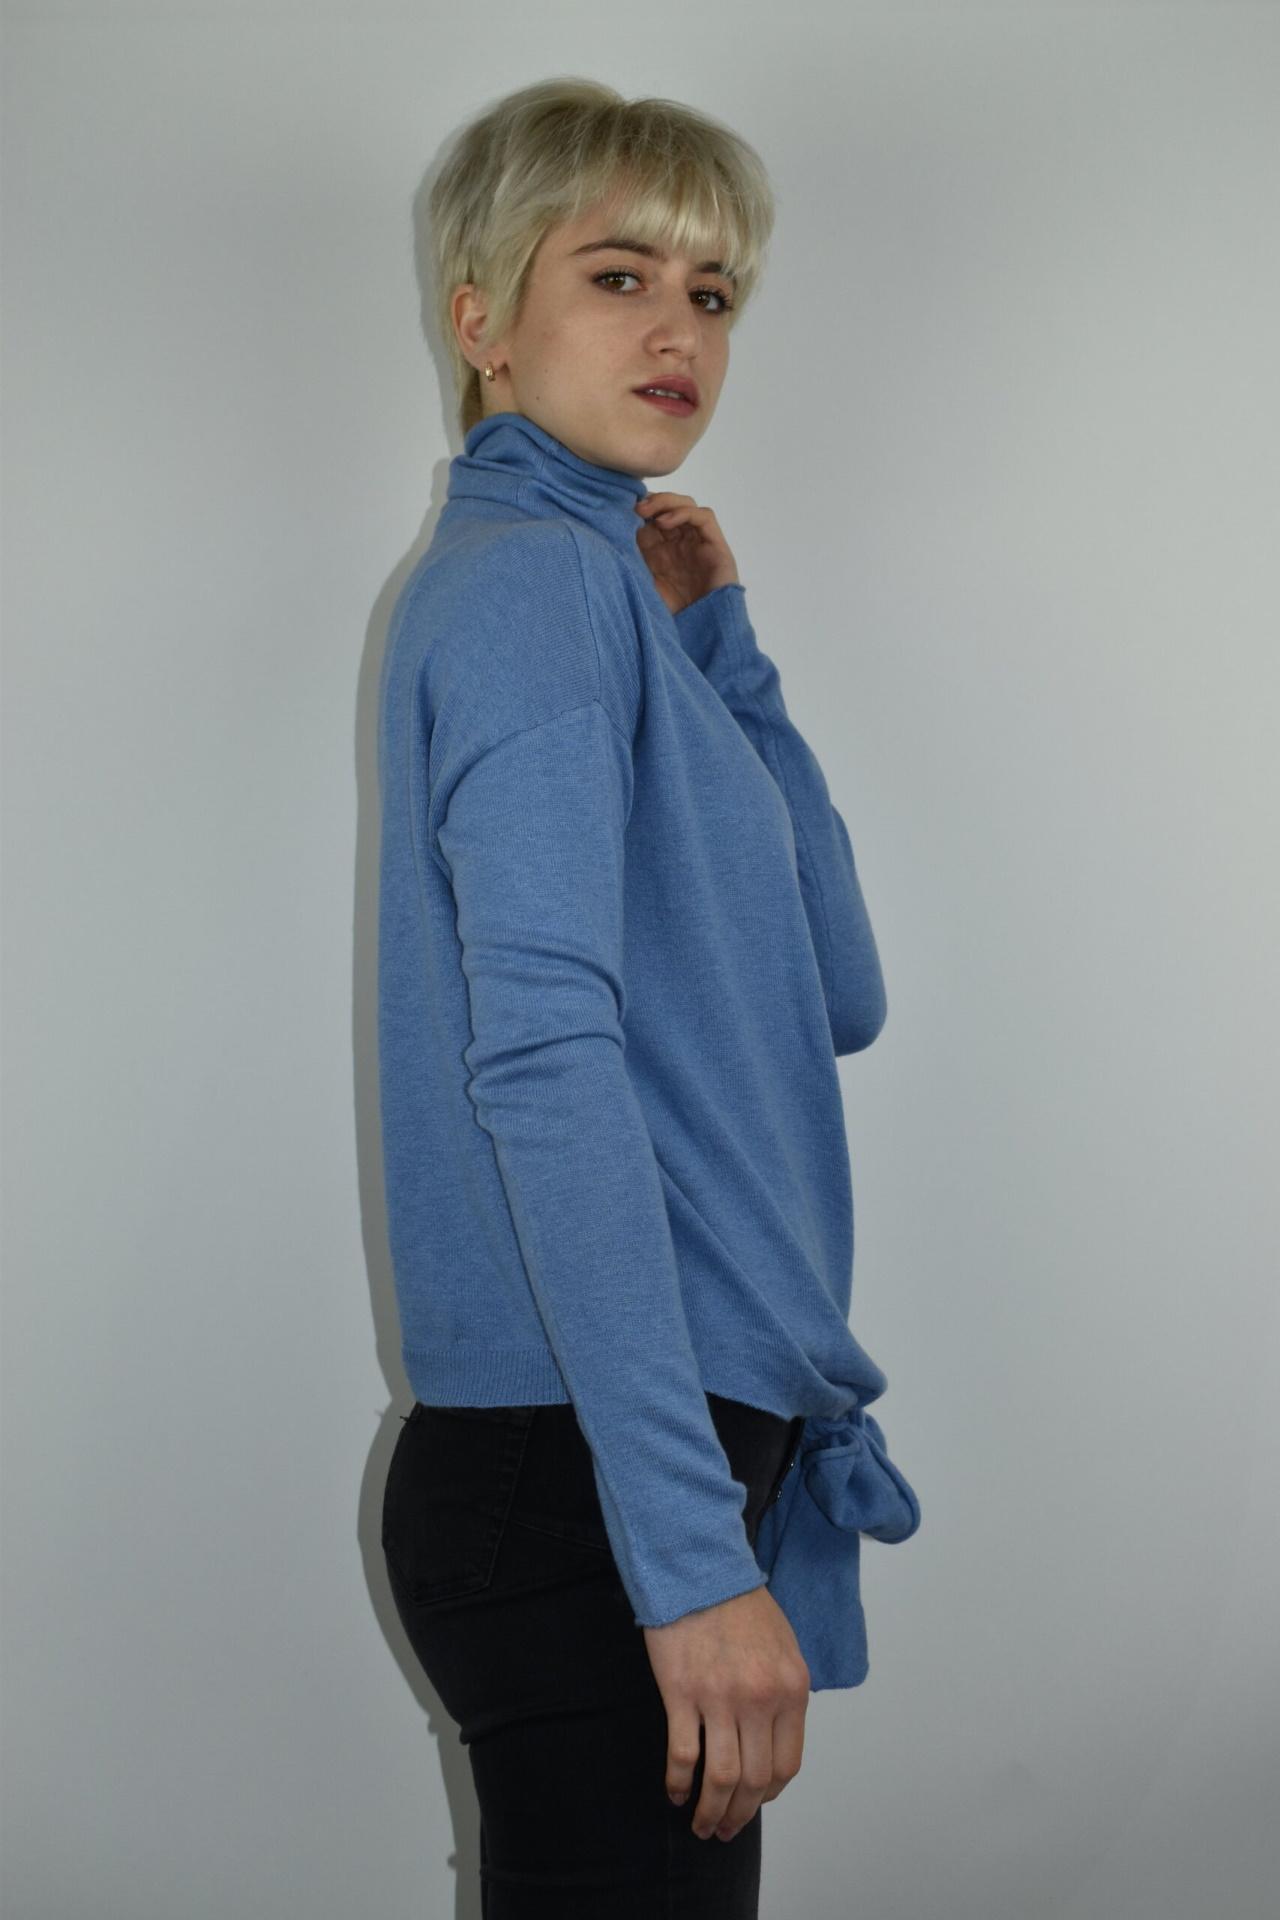 GIADA CELESTE MAGLIA DONNA CASHMERE SETA COLLO ALTO MANICA LUNGA 5 1stAmerican maglia dolcevita collo alto da donna in seta cashmere - maglione manica lunga invernale finezza 14